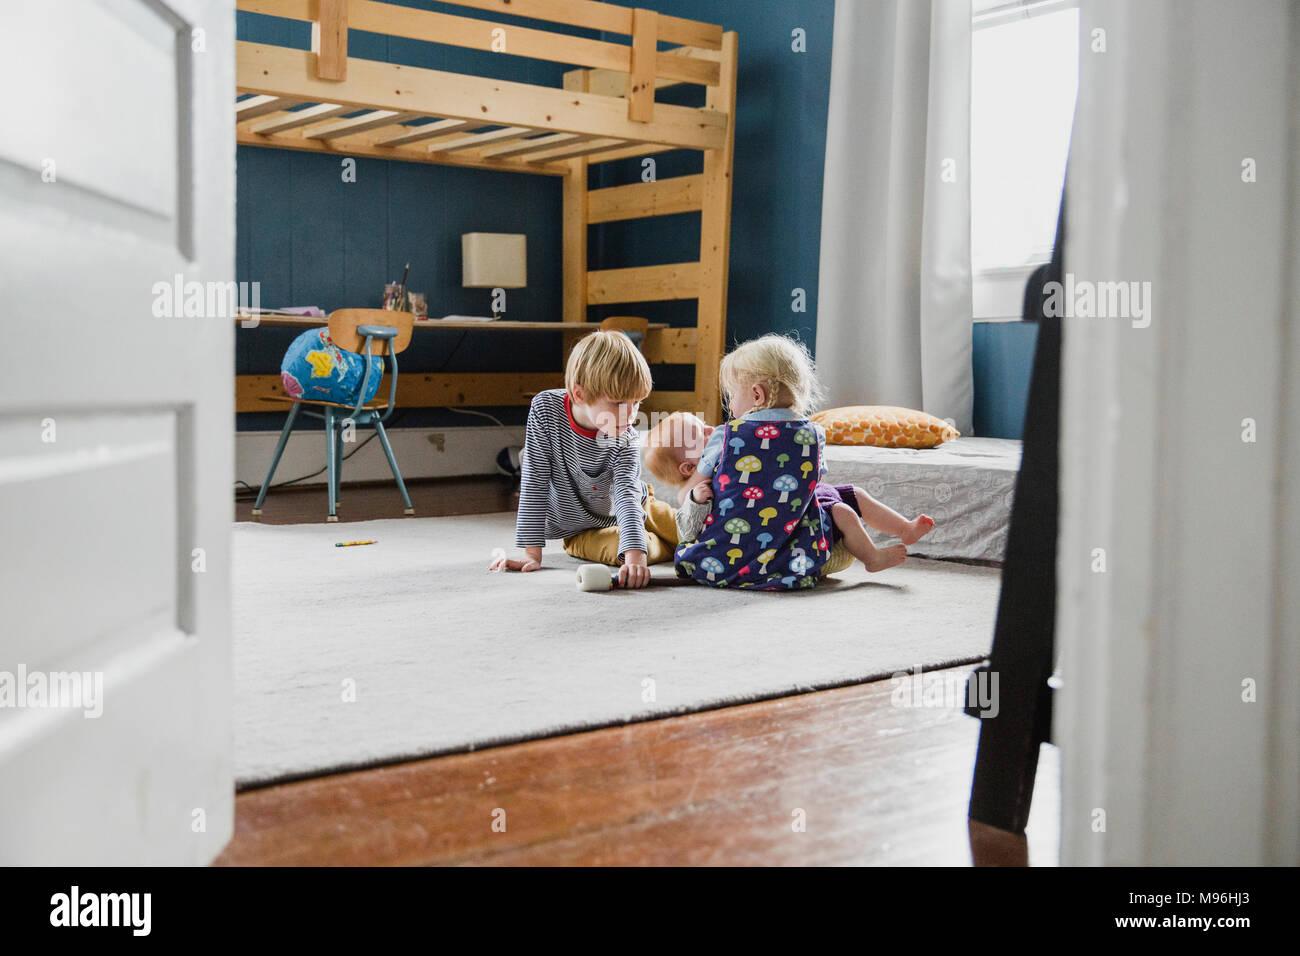 Zwei Kinder und Kinderbetreuung im Schlafzimmer Stockbild